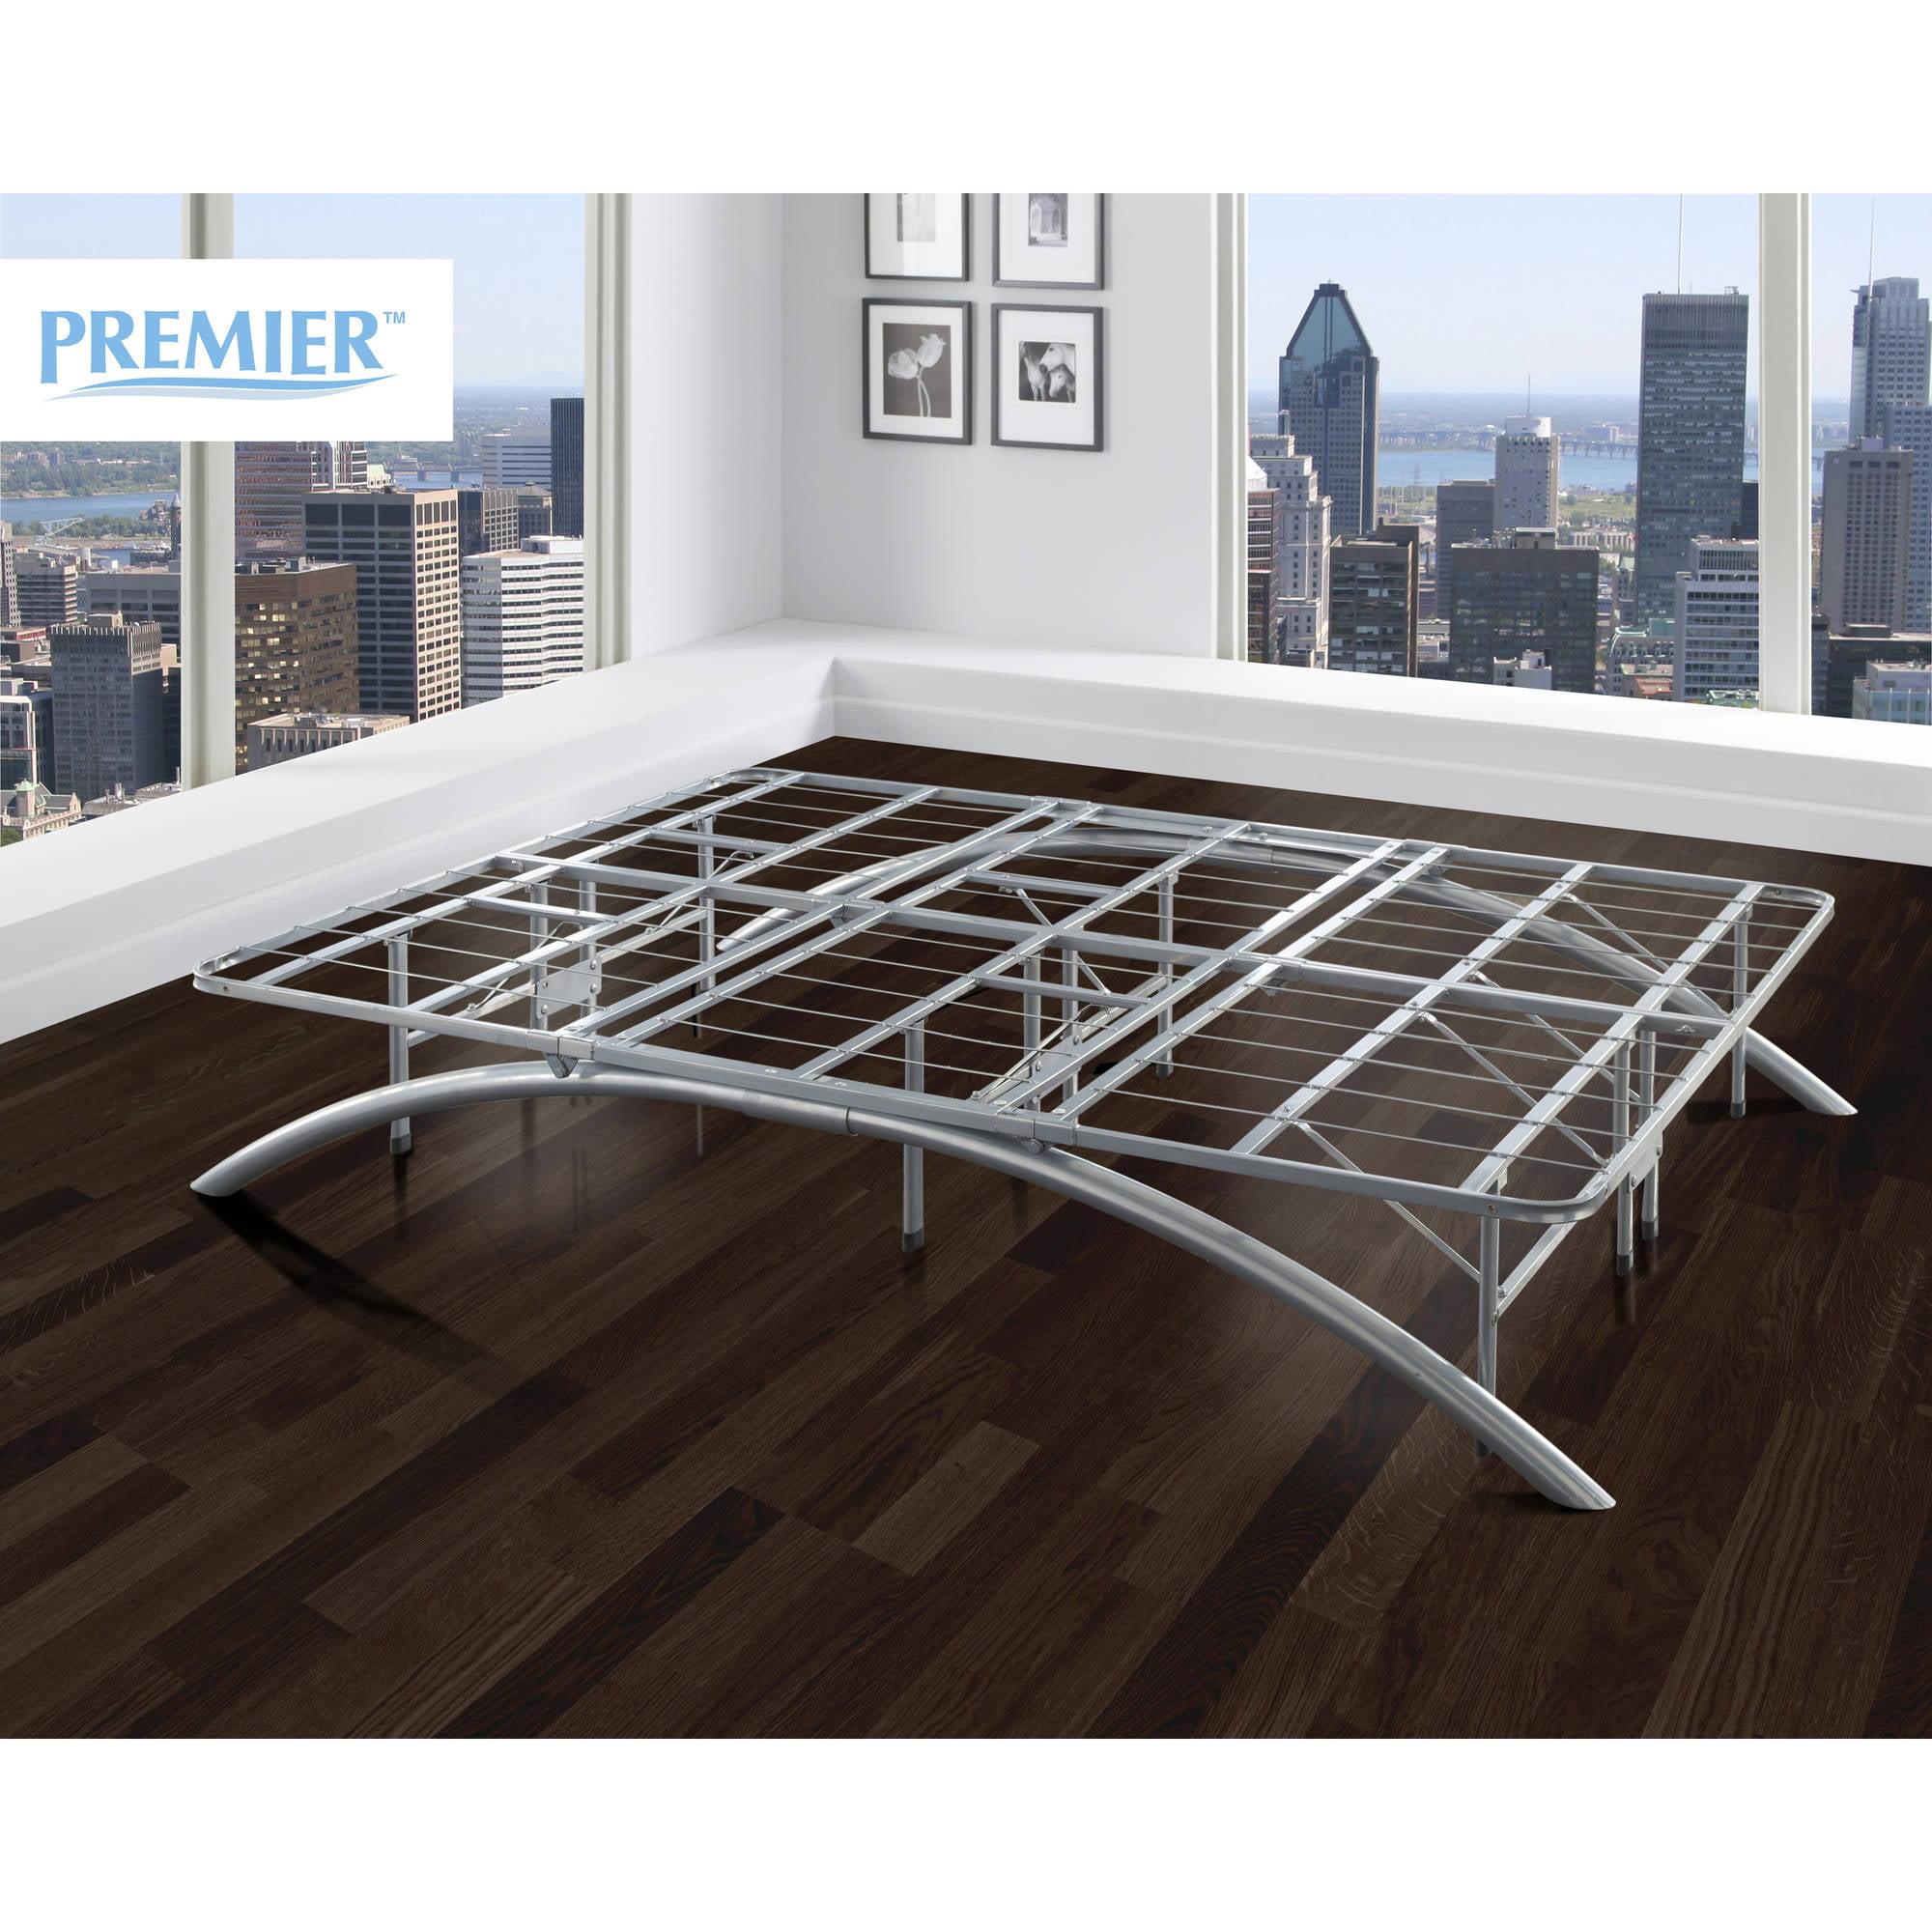 Premier Ellipse Arch Platform Bed Frame